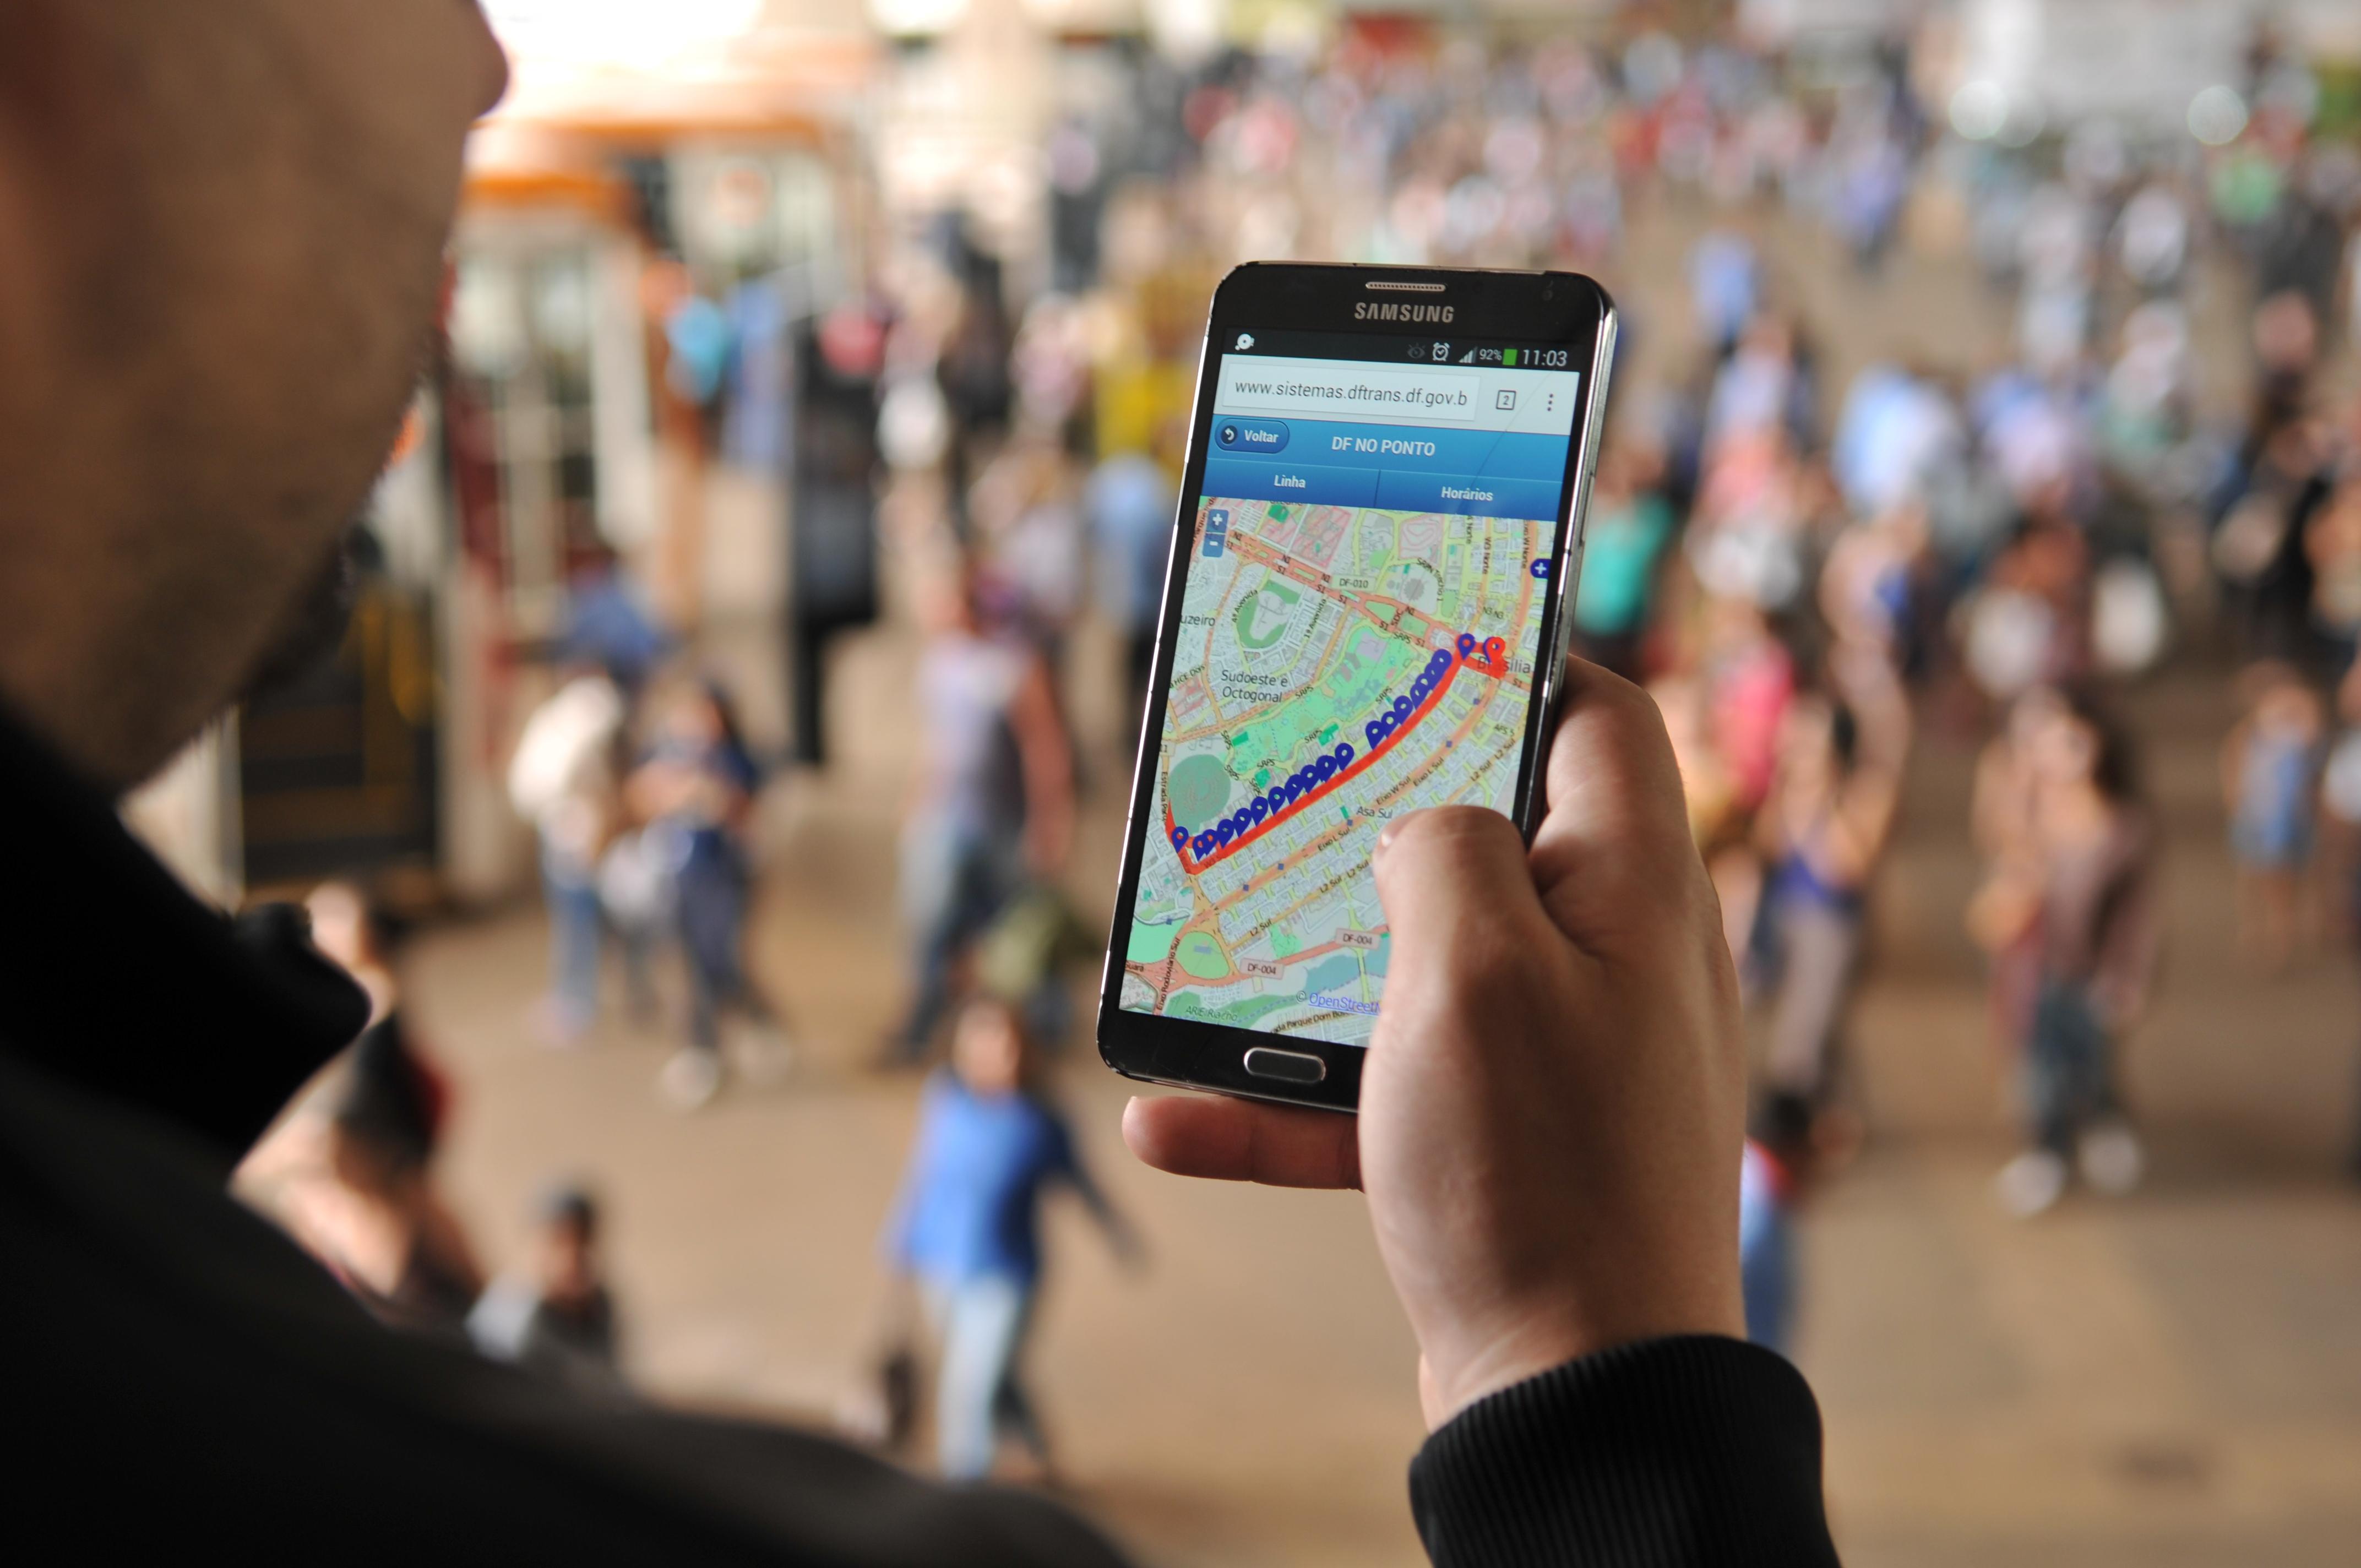 Tecnologia - geral - geolocalização celular smartphone telefone mapas